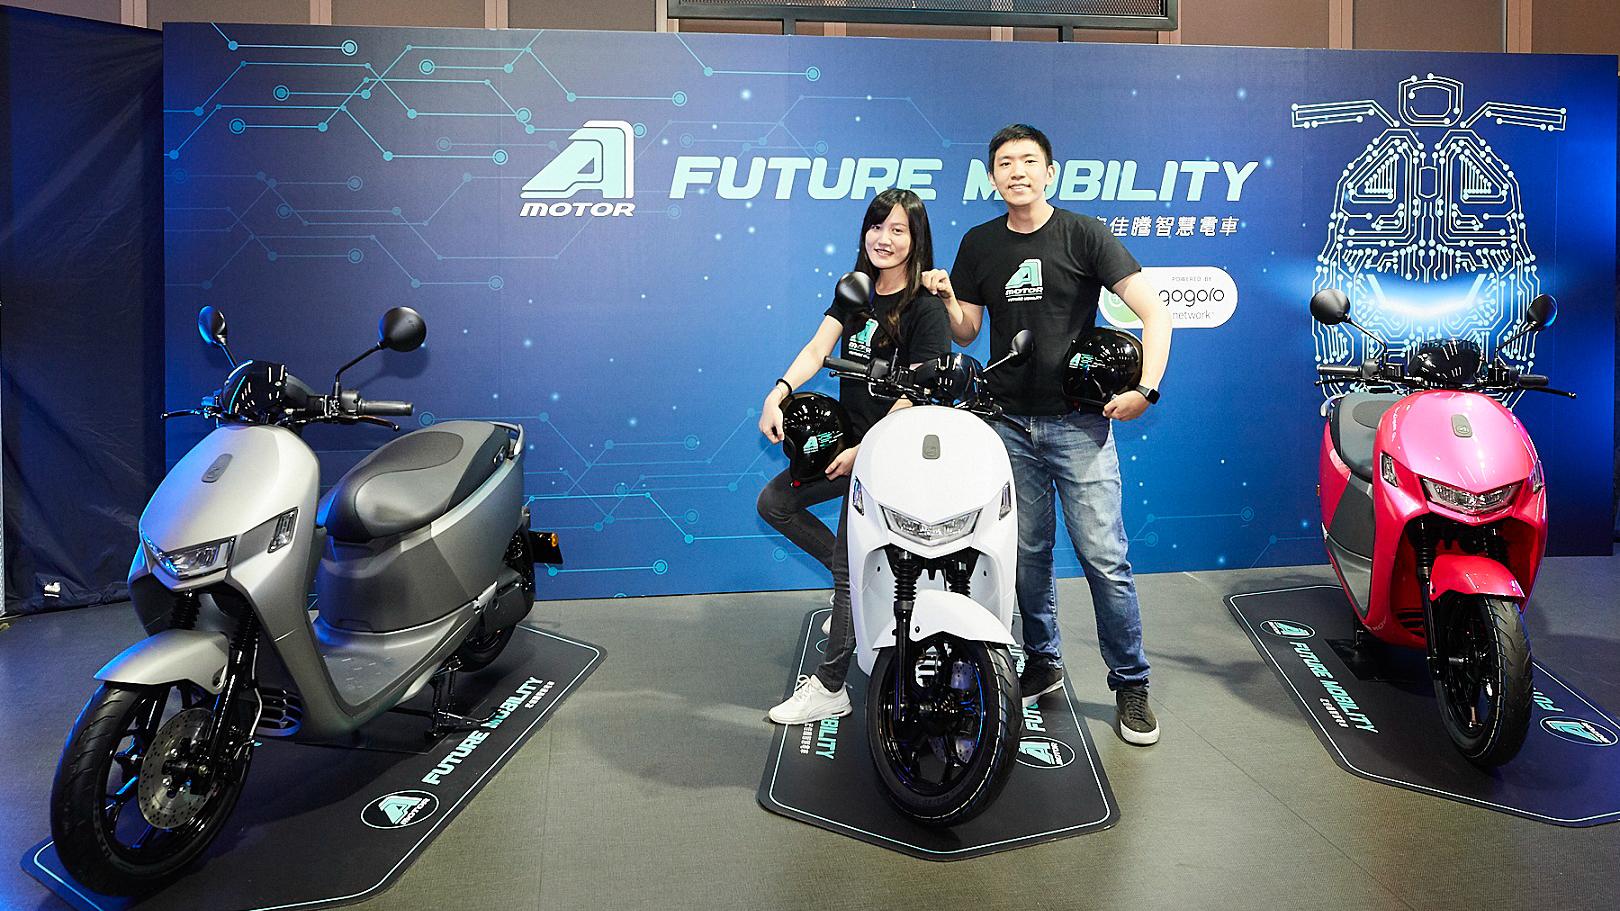 後發制人!宏佳騰 Ai-1 Sport 要用 89,800 元售價與智慧儀表搶市